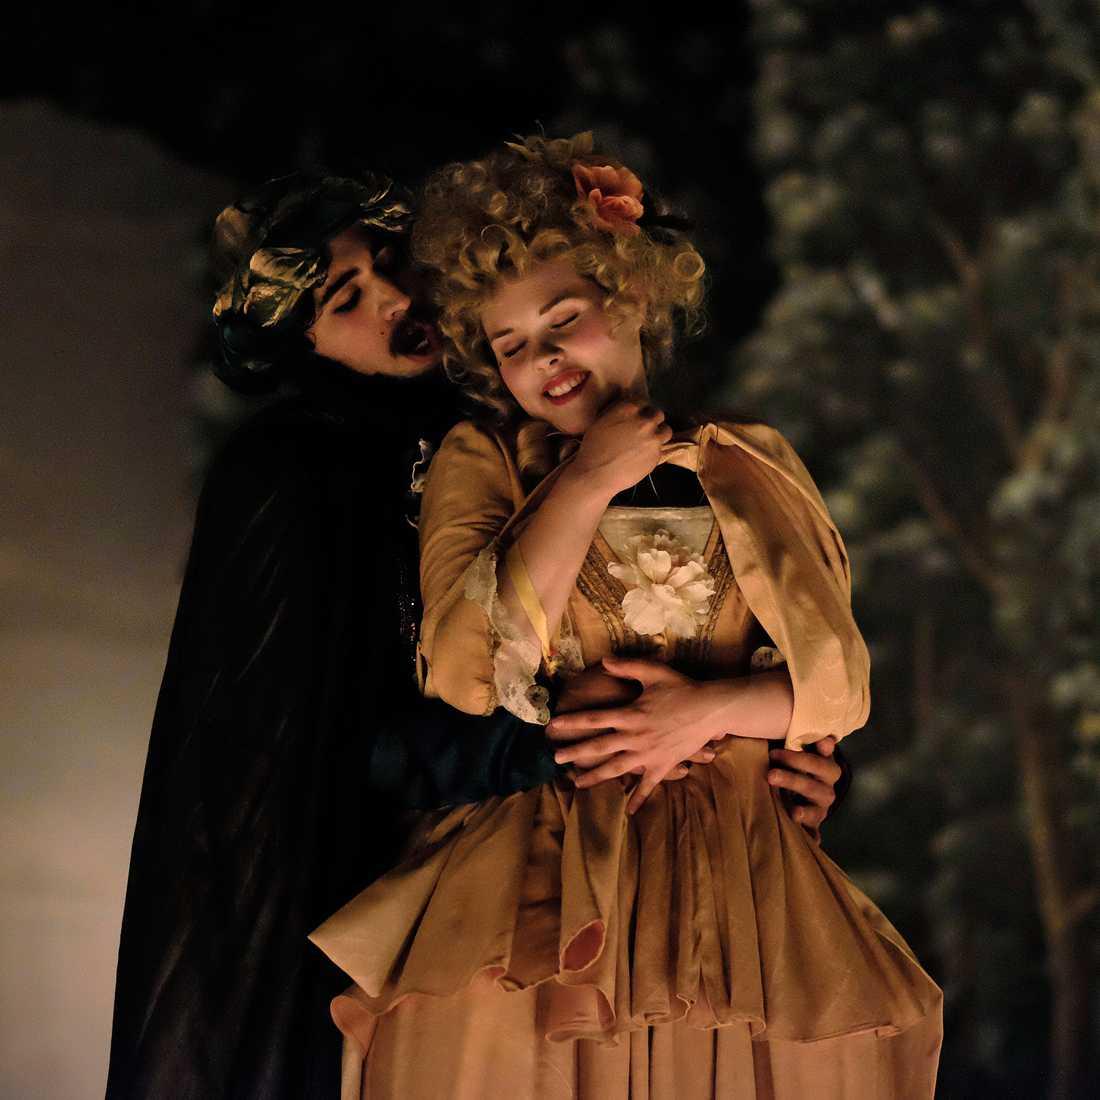 """Così fan tutte, eller """"Så gör alla kvinnor"""", på Confidencen saknar ett väl genomfört eget perspektiv. Foto: Foto: Bo Ljungblom"""